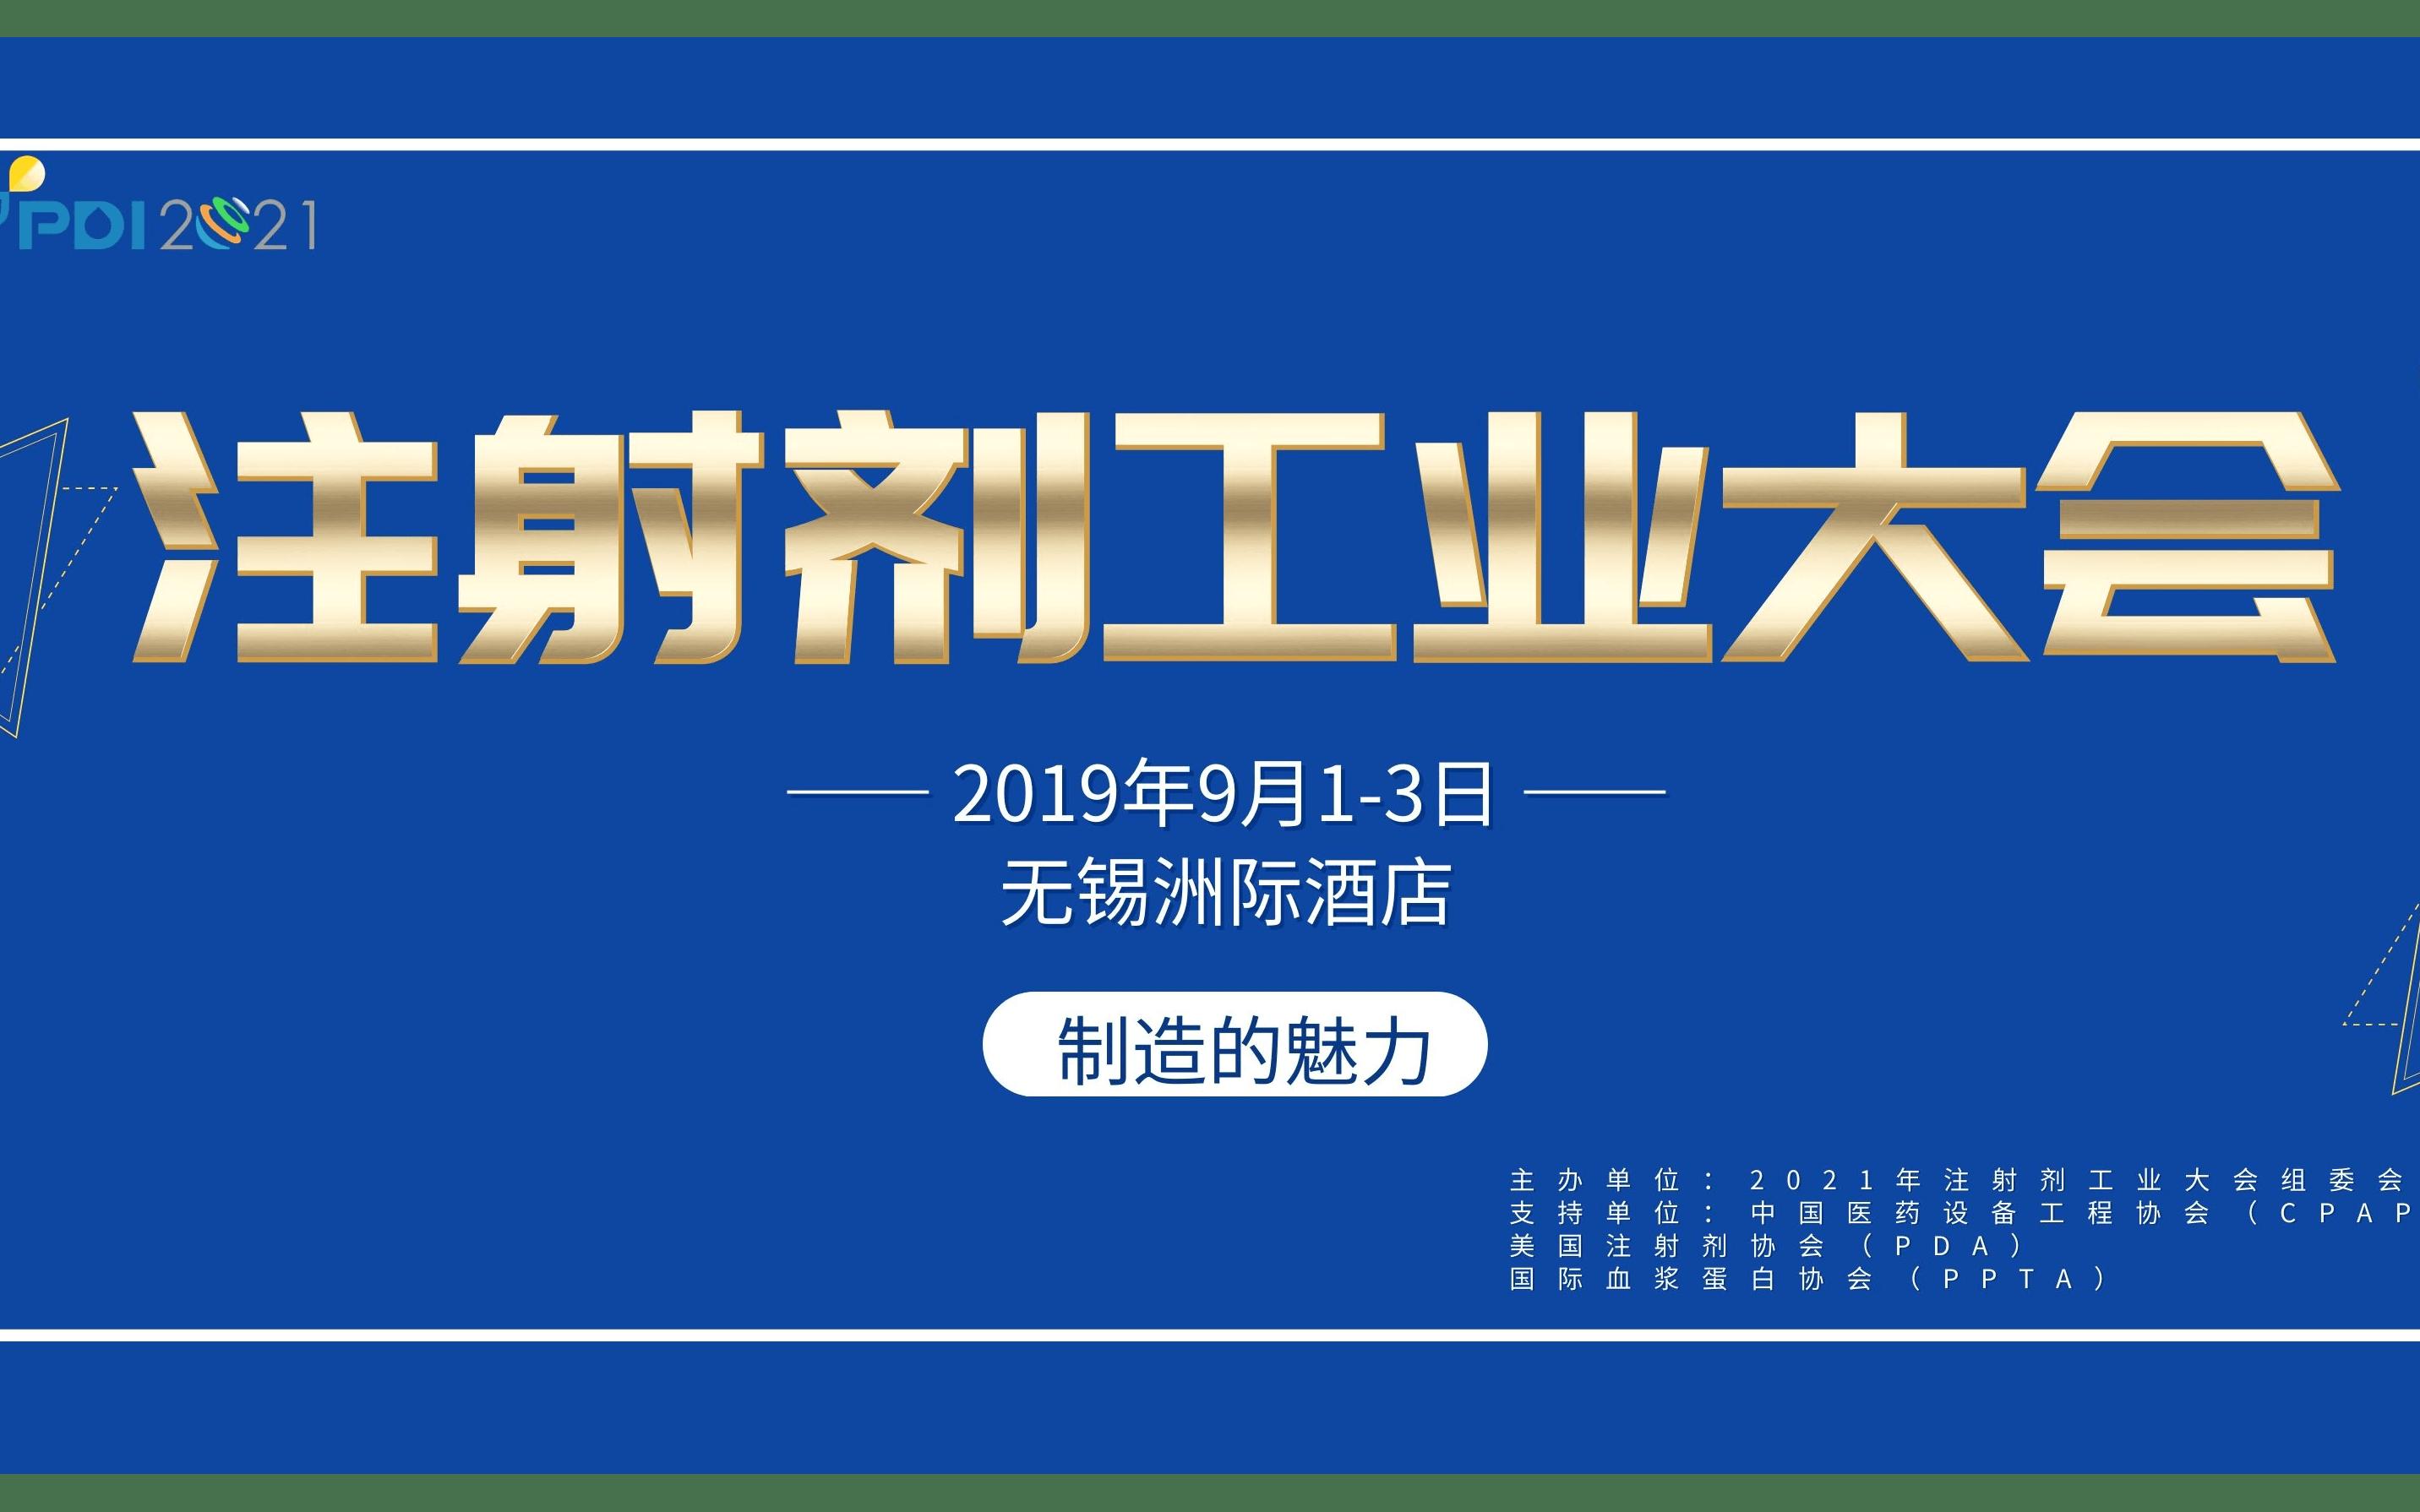 PDI2021年注射剂工业大会